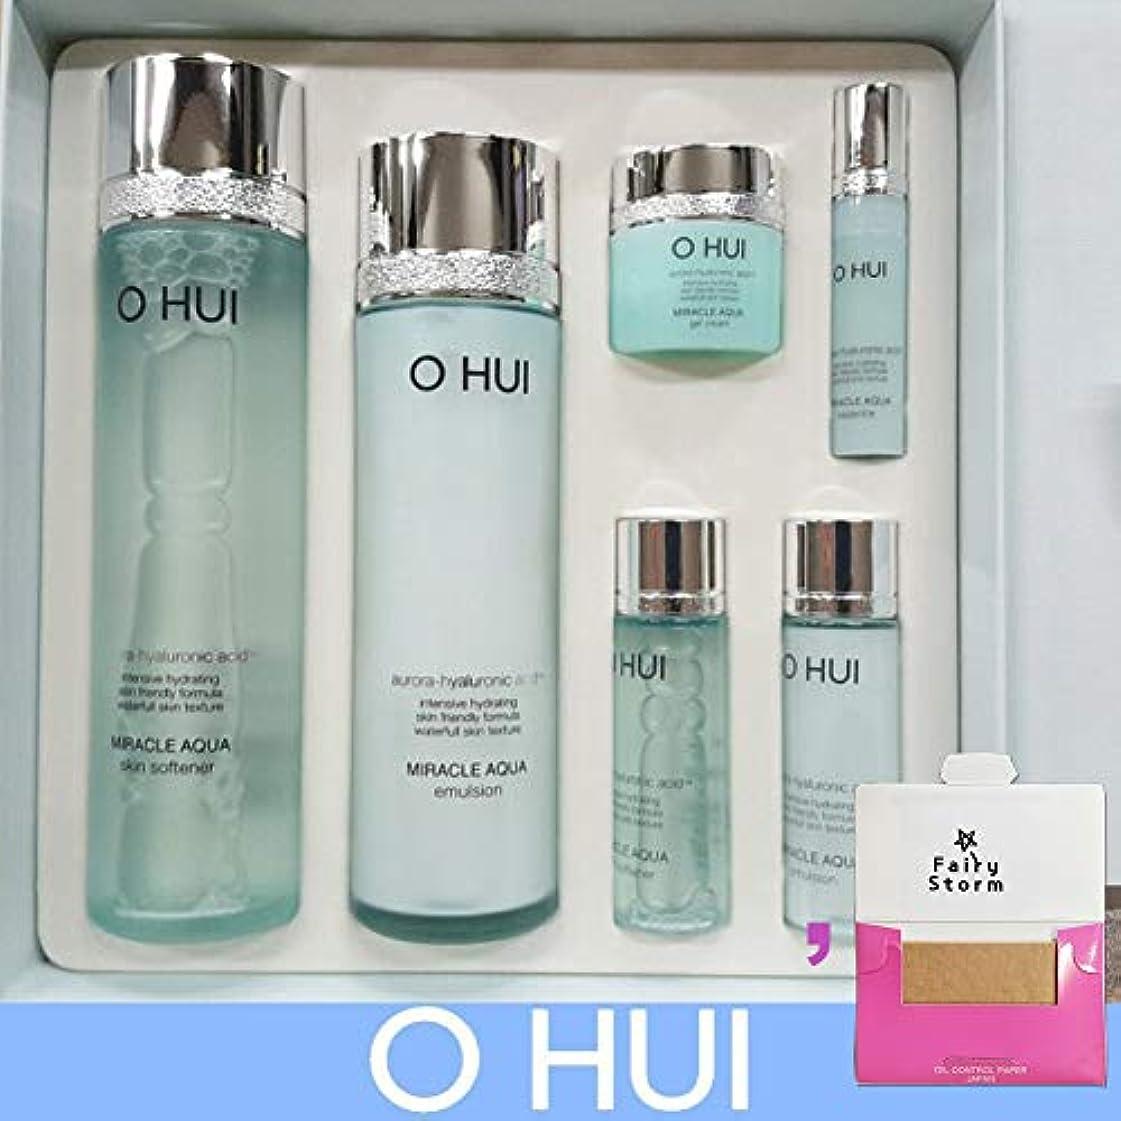 反逆正統派再発する[オフィ/O HUI]韓国化粧品LG生活健康/O HUI MIRACLE AQUA SPECIAL SET/ミラクルアクア2種セット+[Sample Gift](海外直送品)